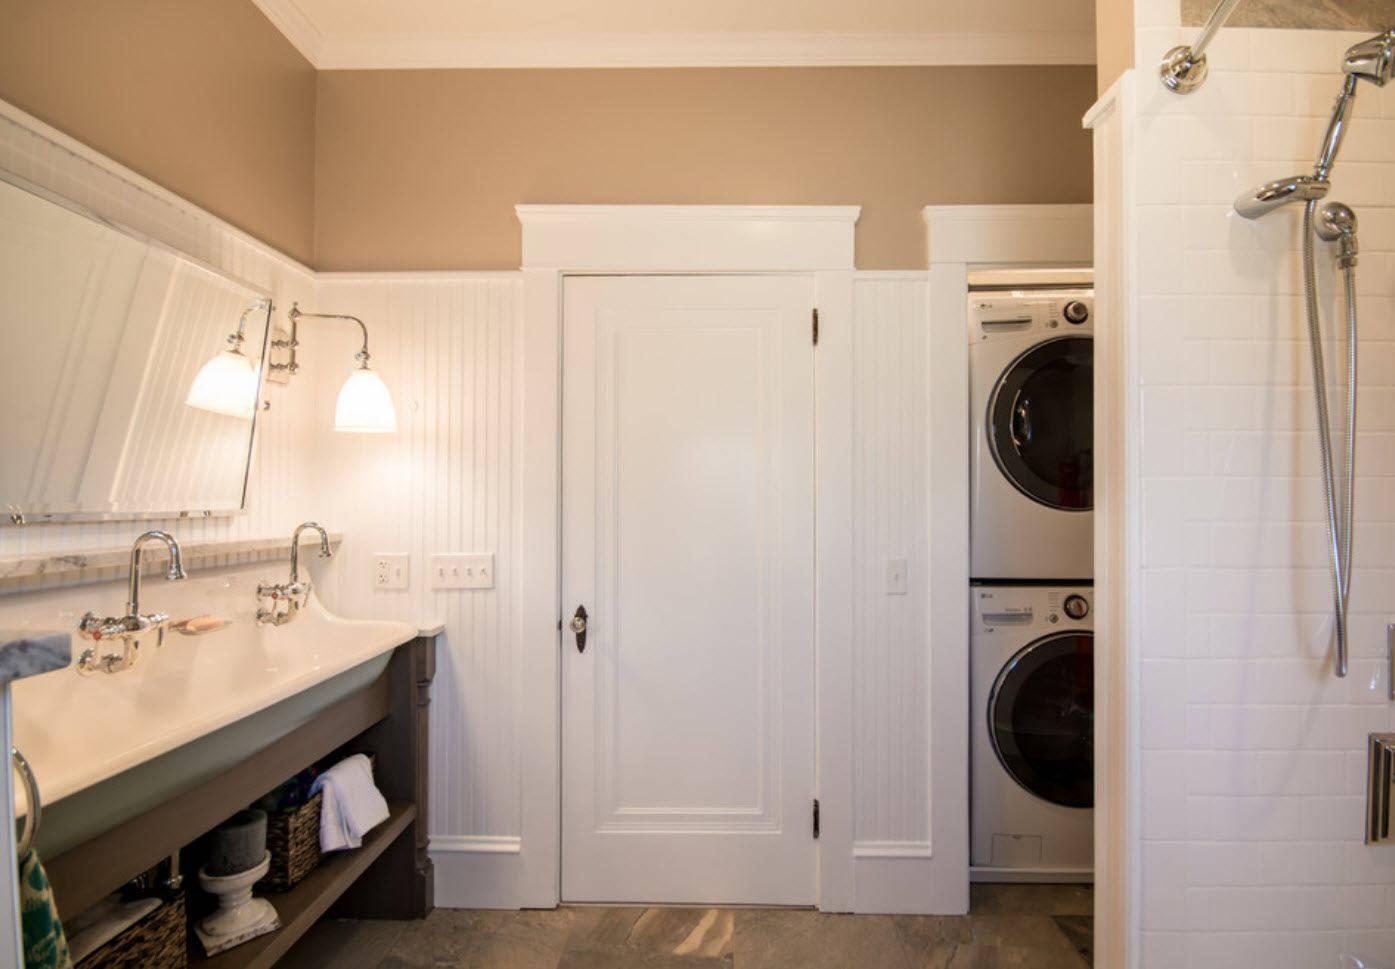 Дизайн ванной комнаты с туалетом и стиральной машиной